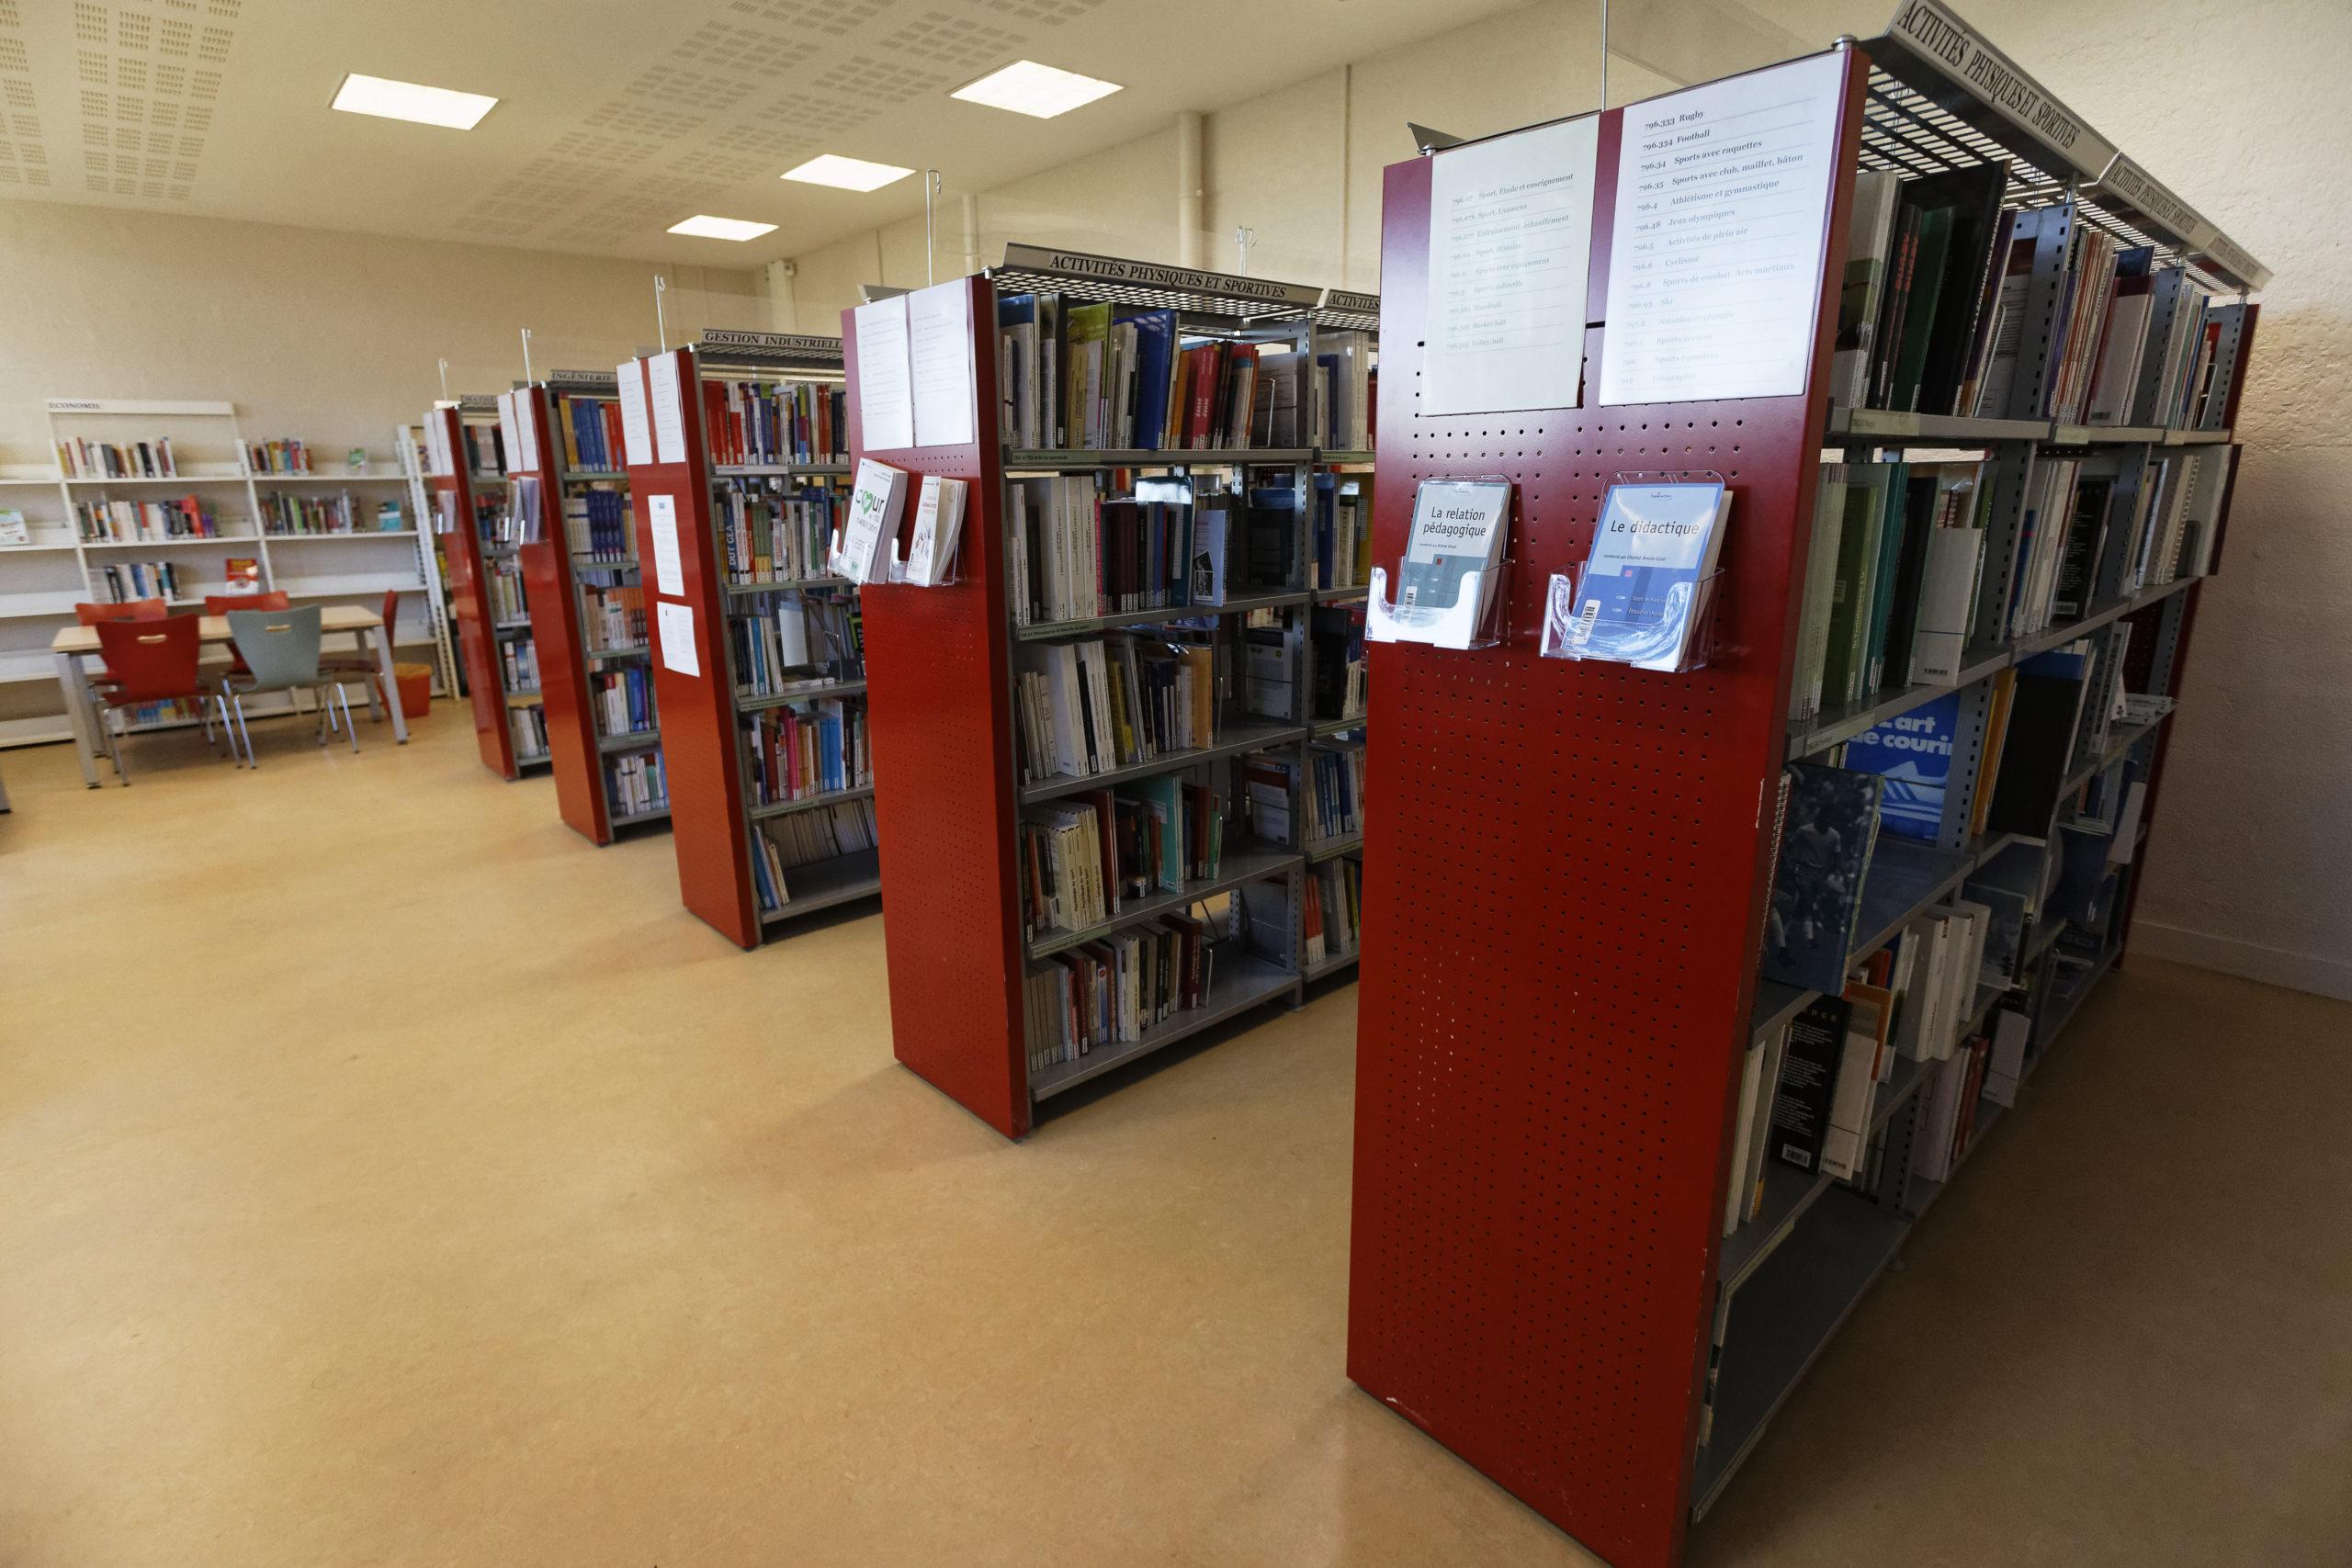 photographie de la bibliothèque universitaire de Soissons / Cuffies : rayonnages